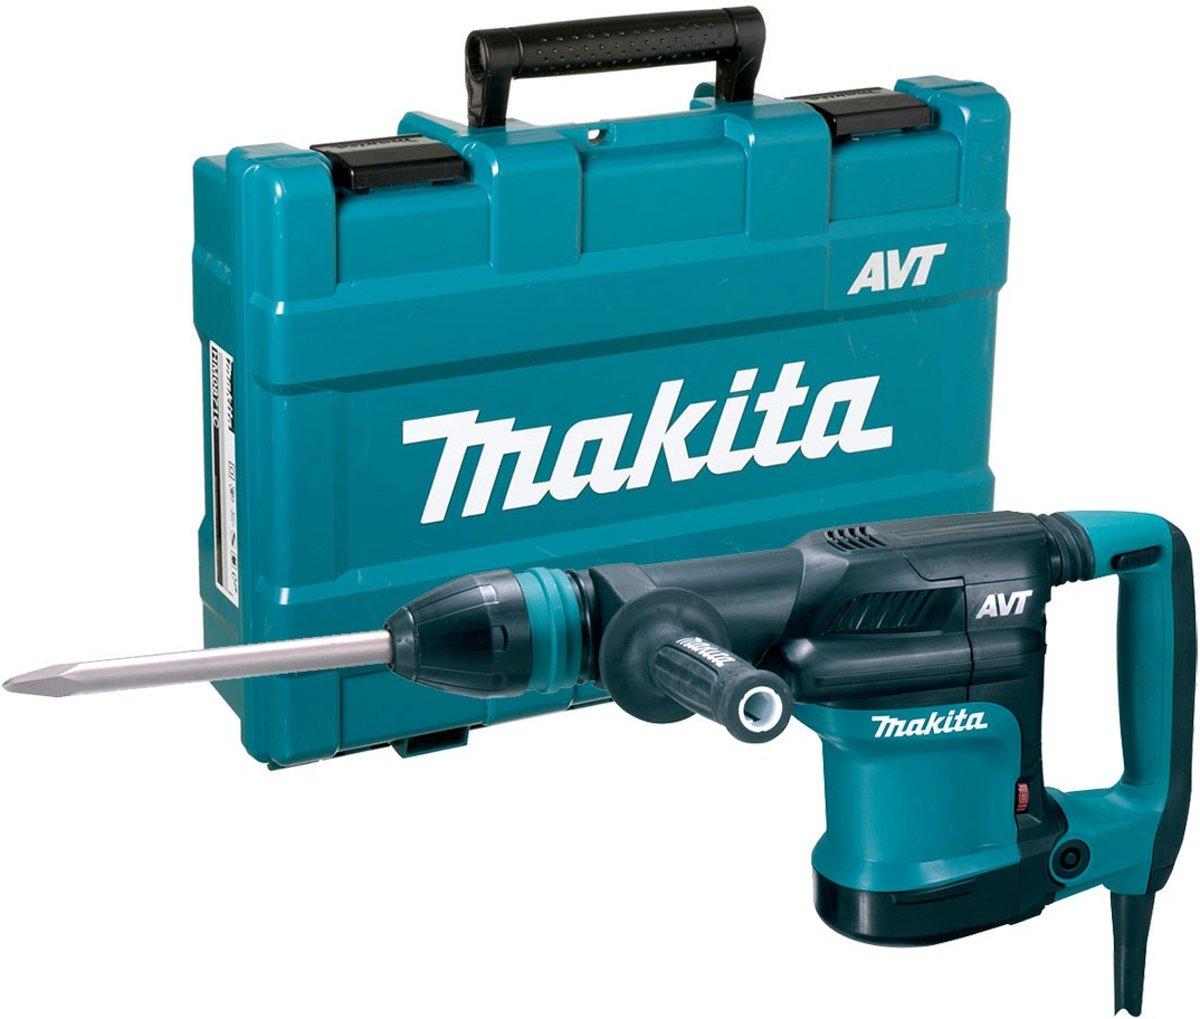 De Maki werkt sneller door elektronica voor een constant toerental.